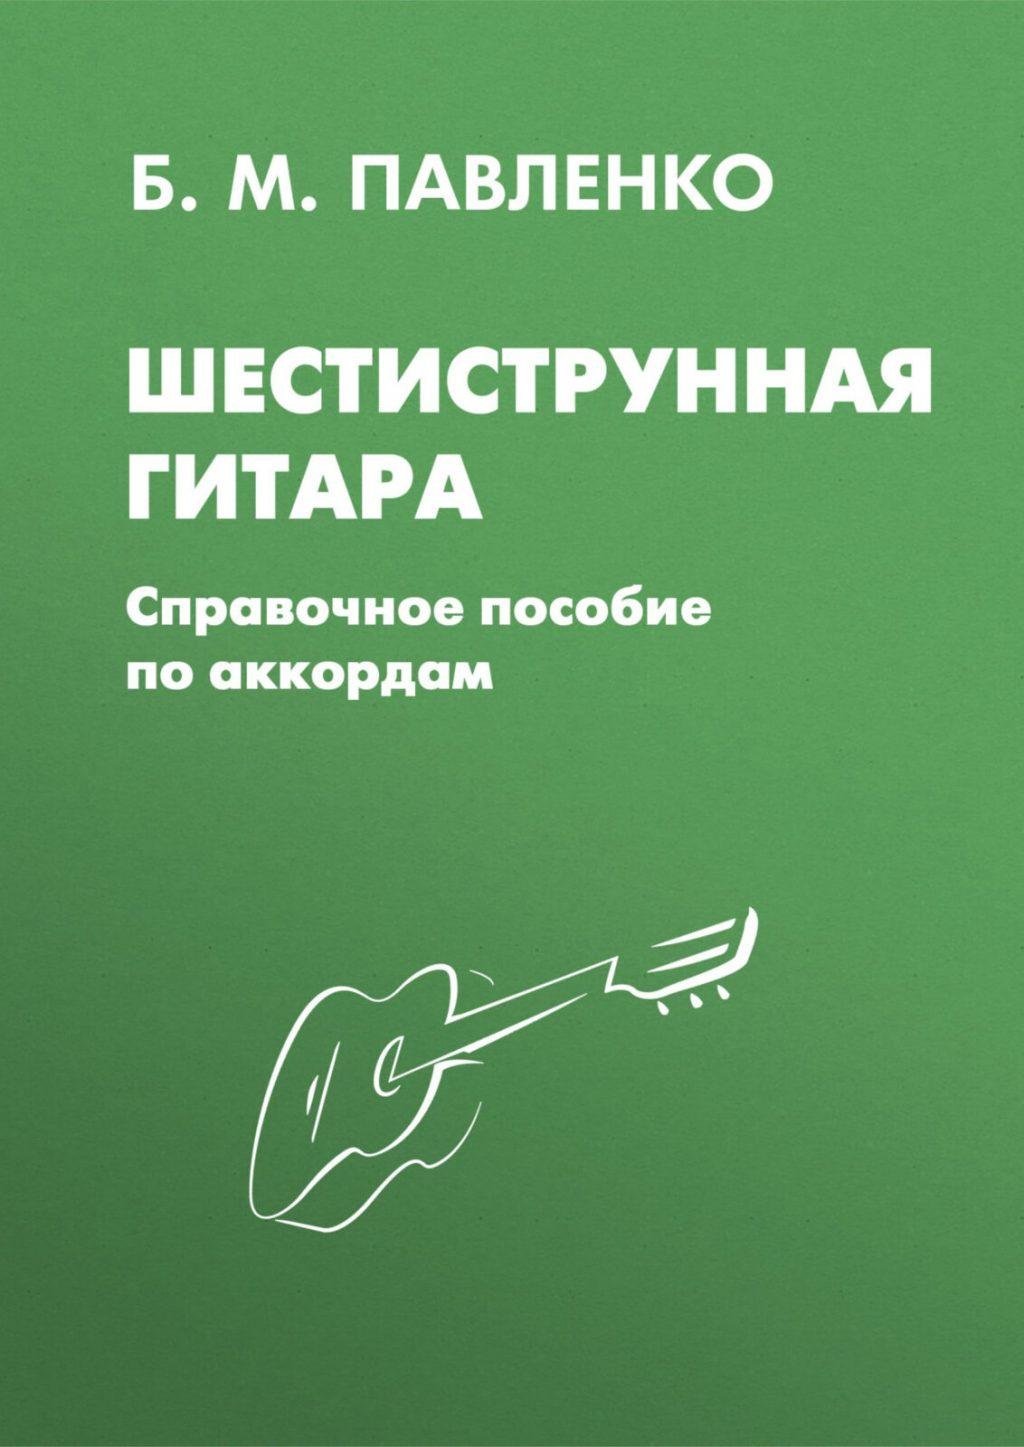 Шестиструнная гитара. Справочное пособие по аккордам. Павленко Б.